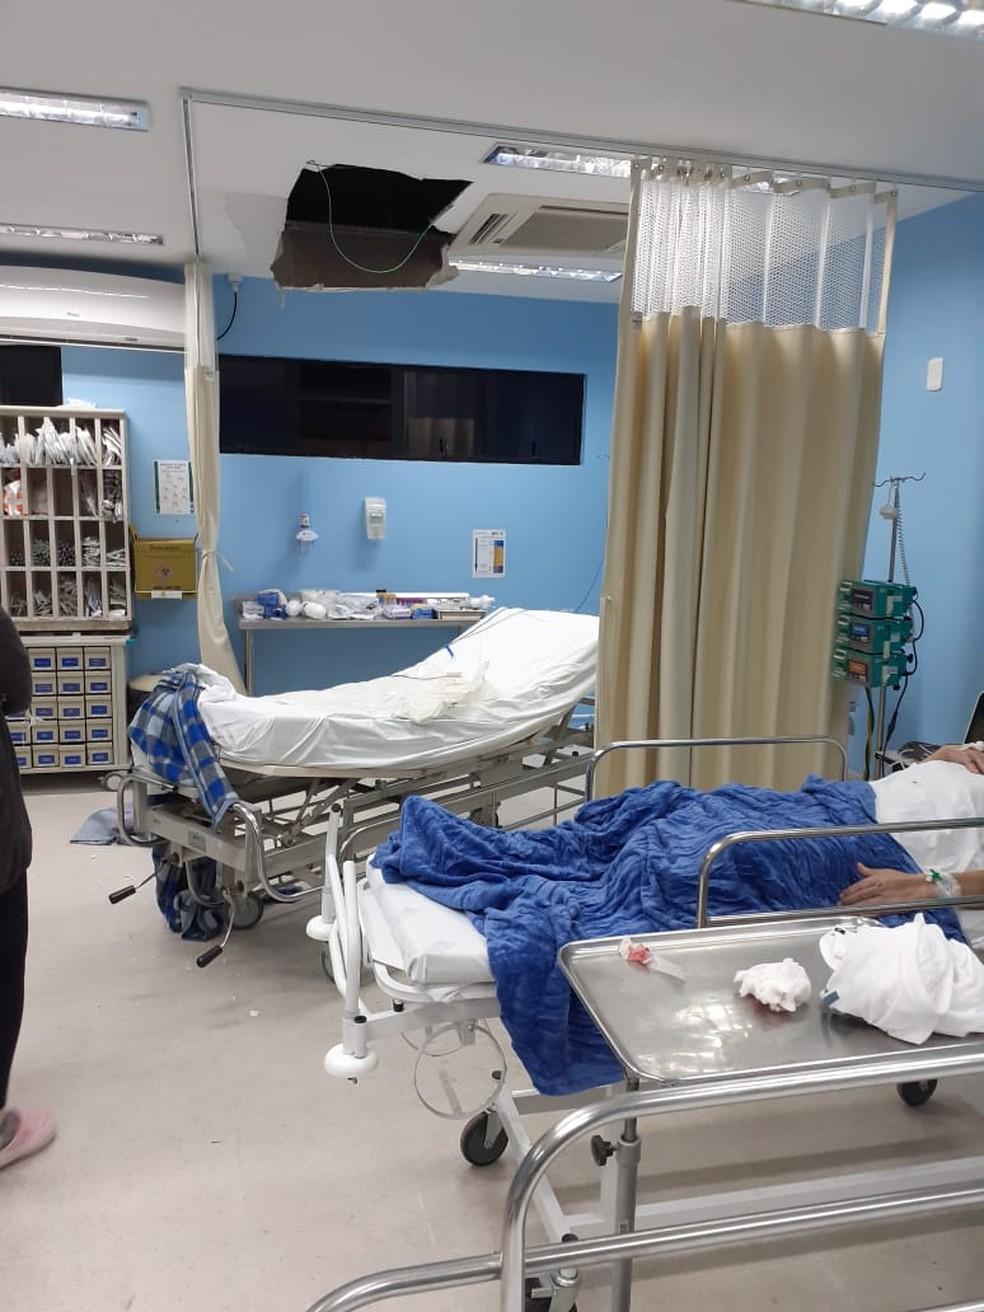 Homem tentou fugir de hospital em Joinville e quebrou teto — Foto: Reprodução